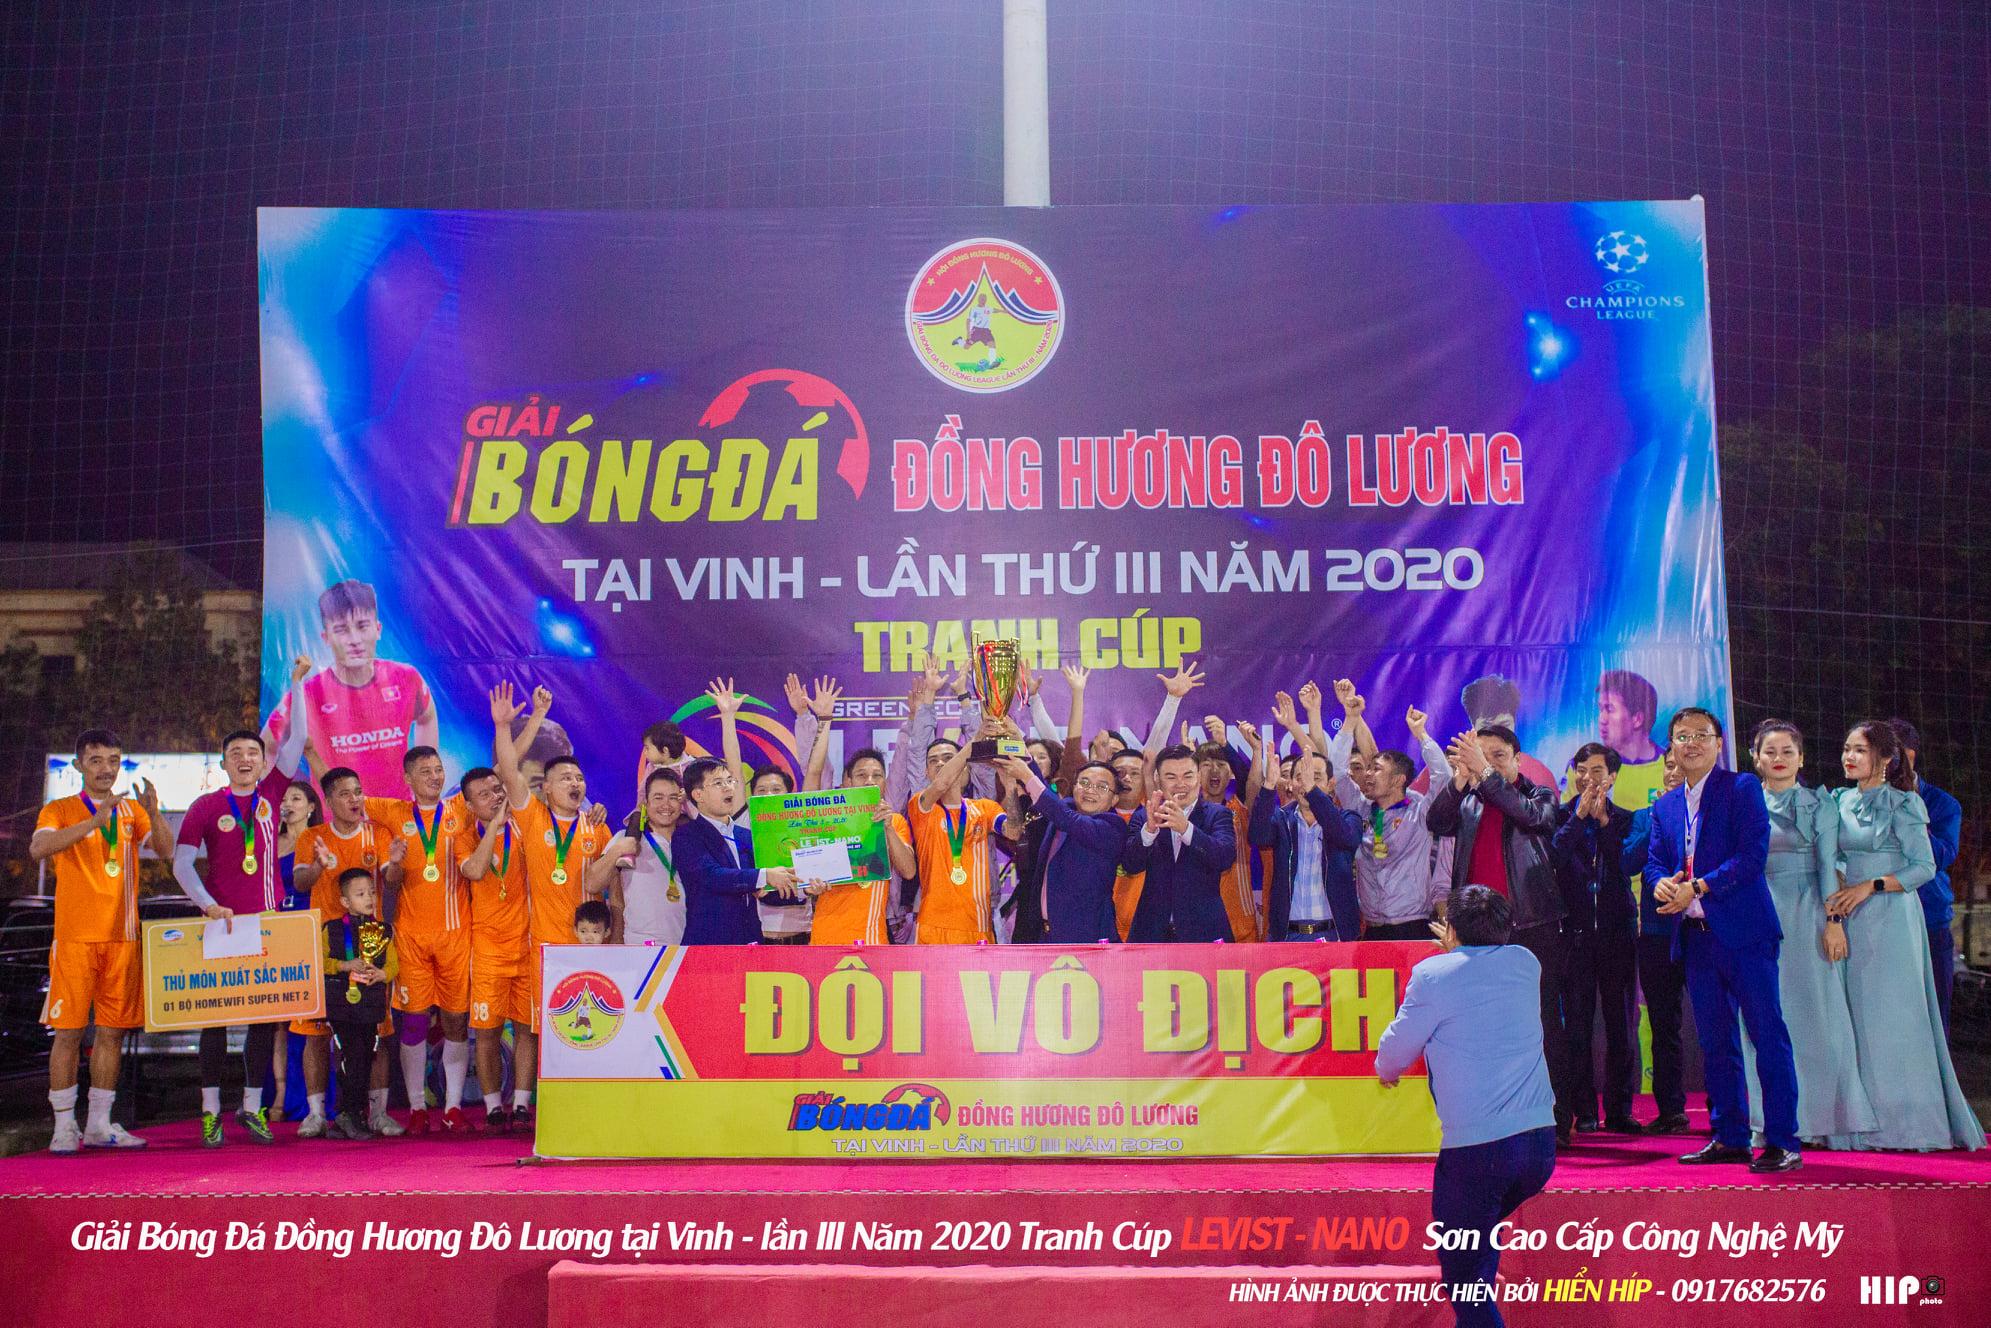 Kết thúc ĐH Đô Lương - Cup Levits Nano 2020: Khẳng định sân chơi đồng hương số 1 xứ Nghệ